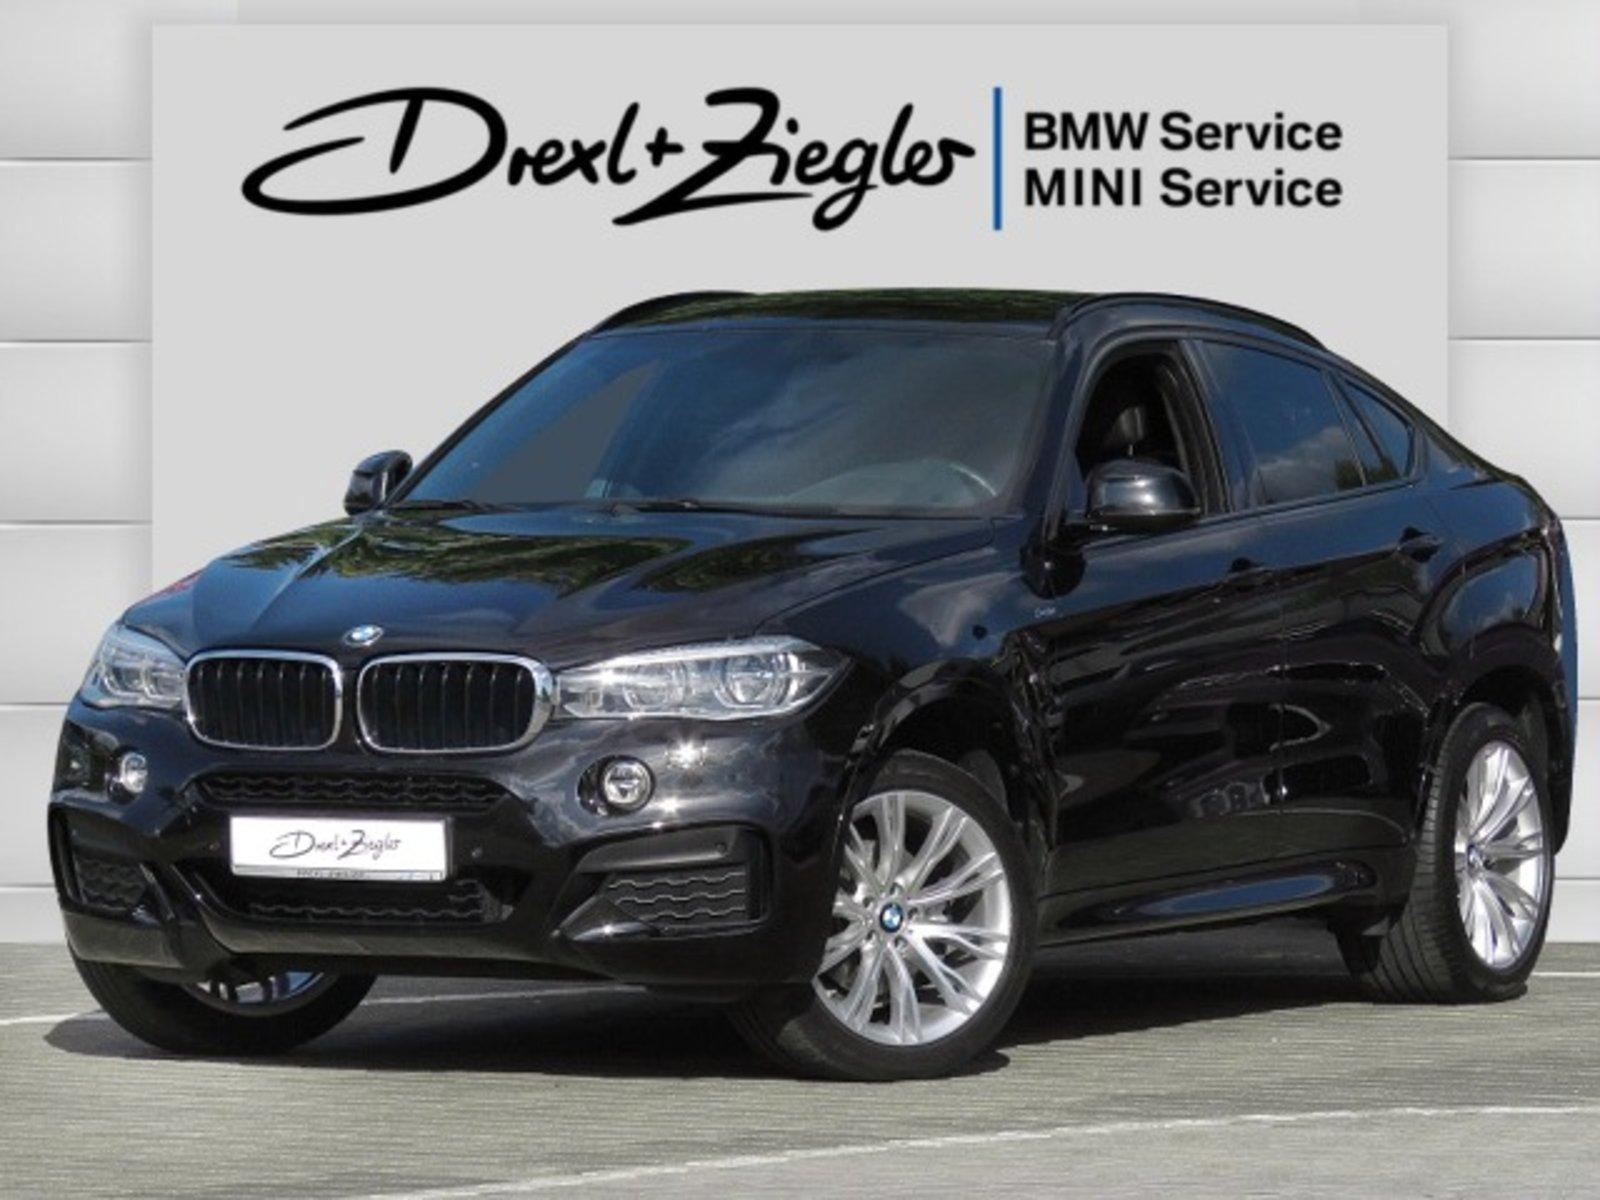 BMW X6 xDrive30d M Sport AHK SCA HUD GSD Komfzg Kamera, Jahr 2016, Diesel